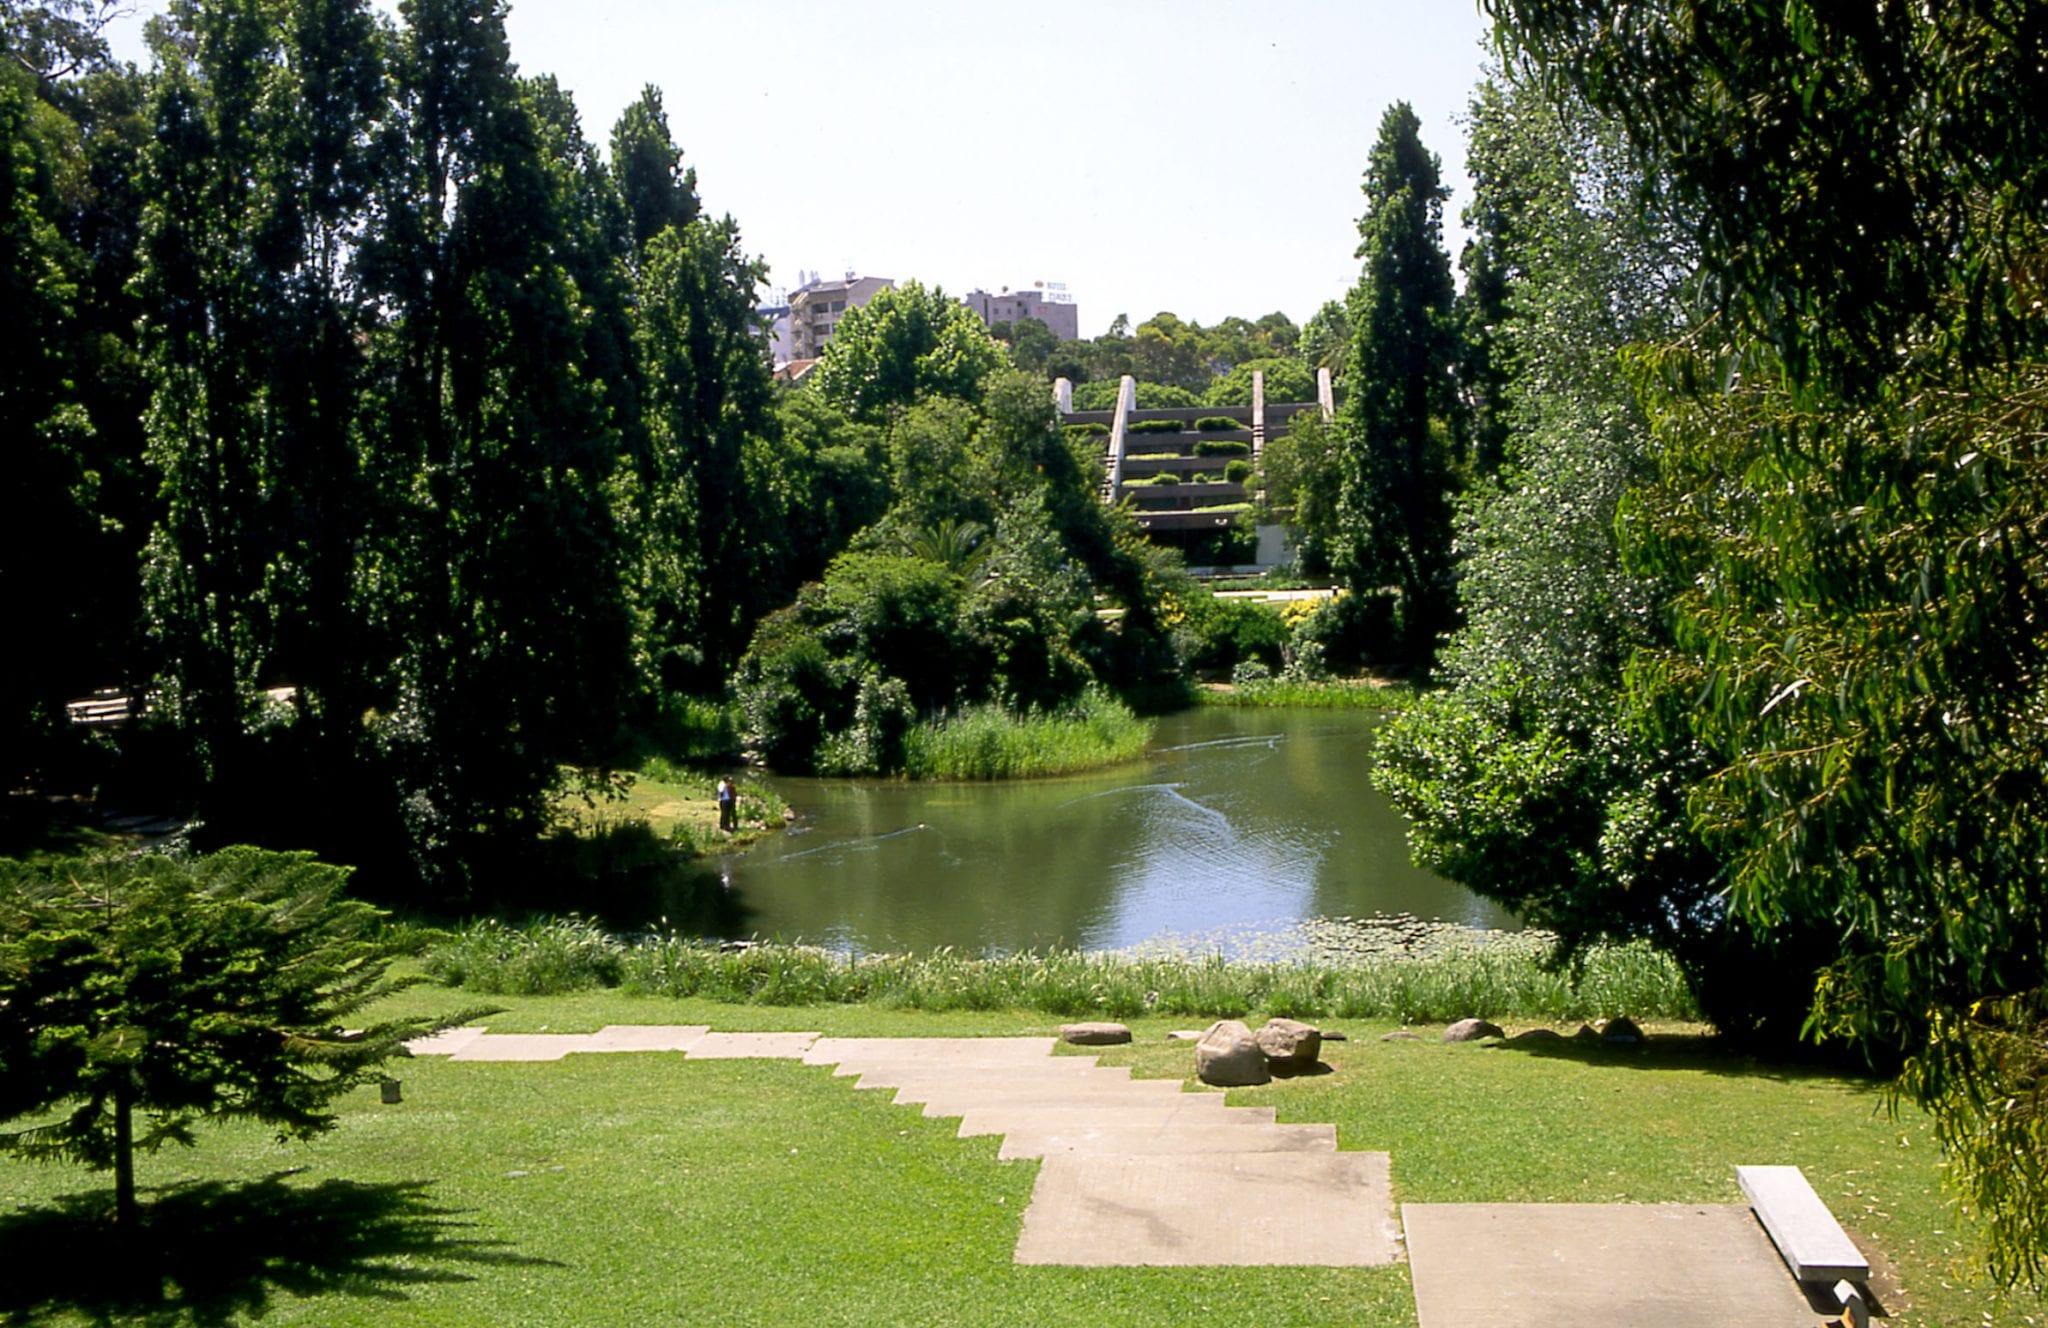 Sítios a visitar com crianças e toda a família: jardim gulbenkian